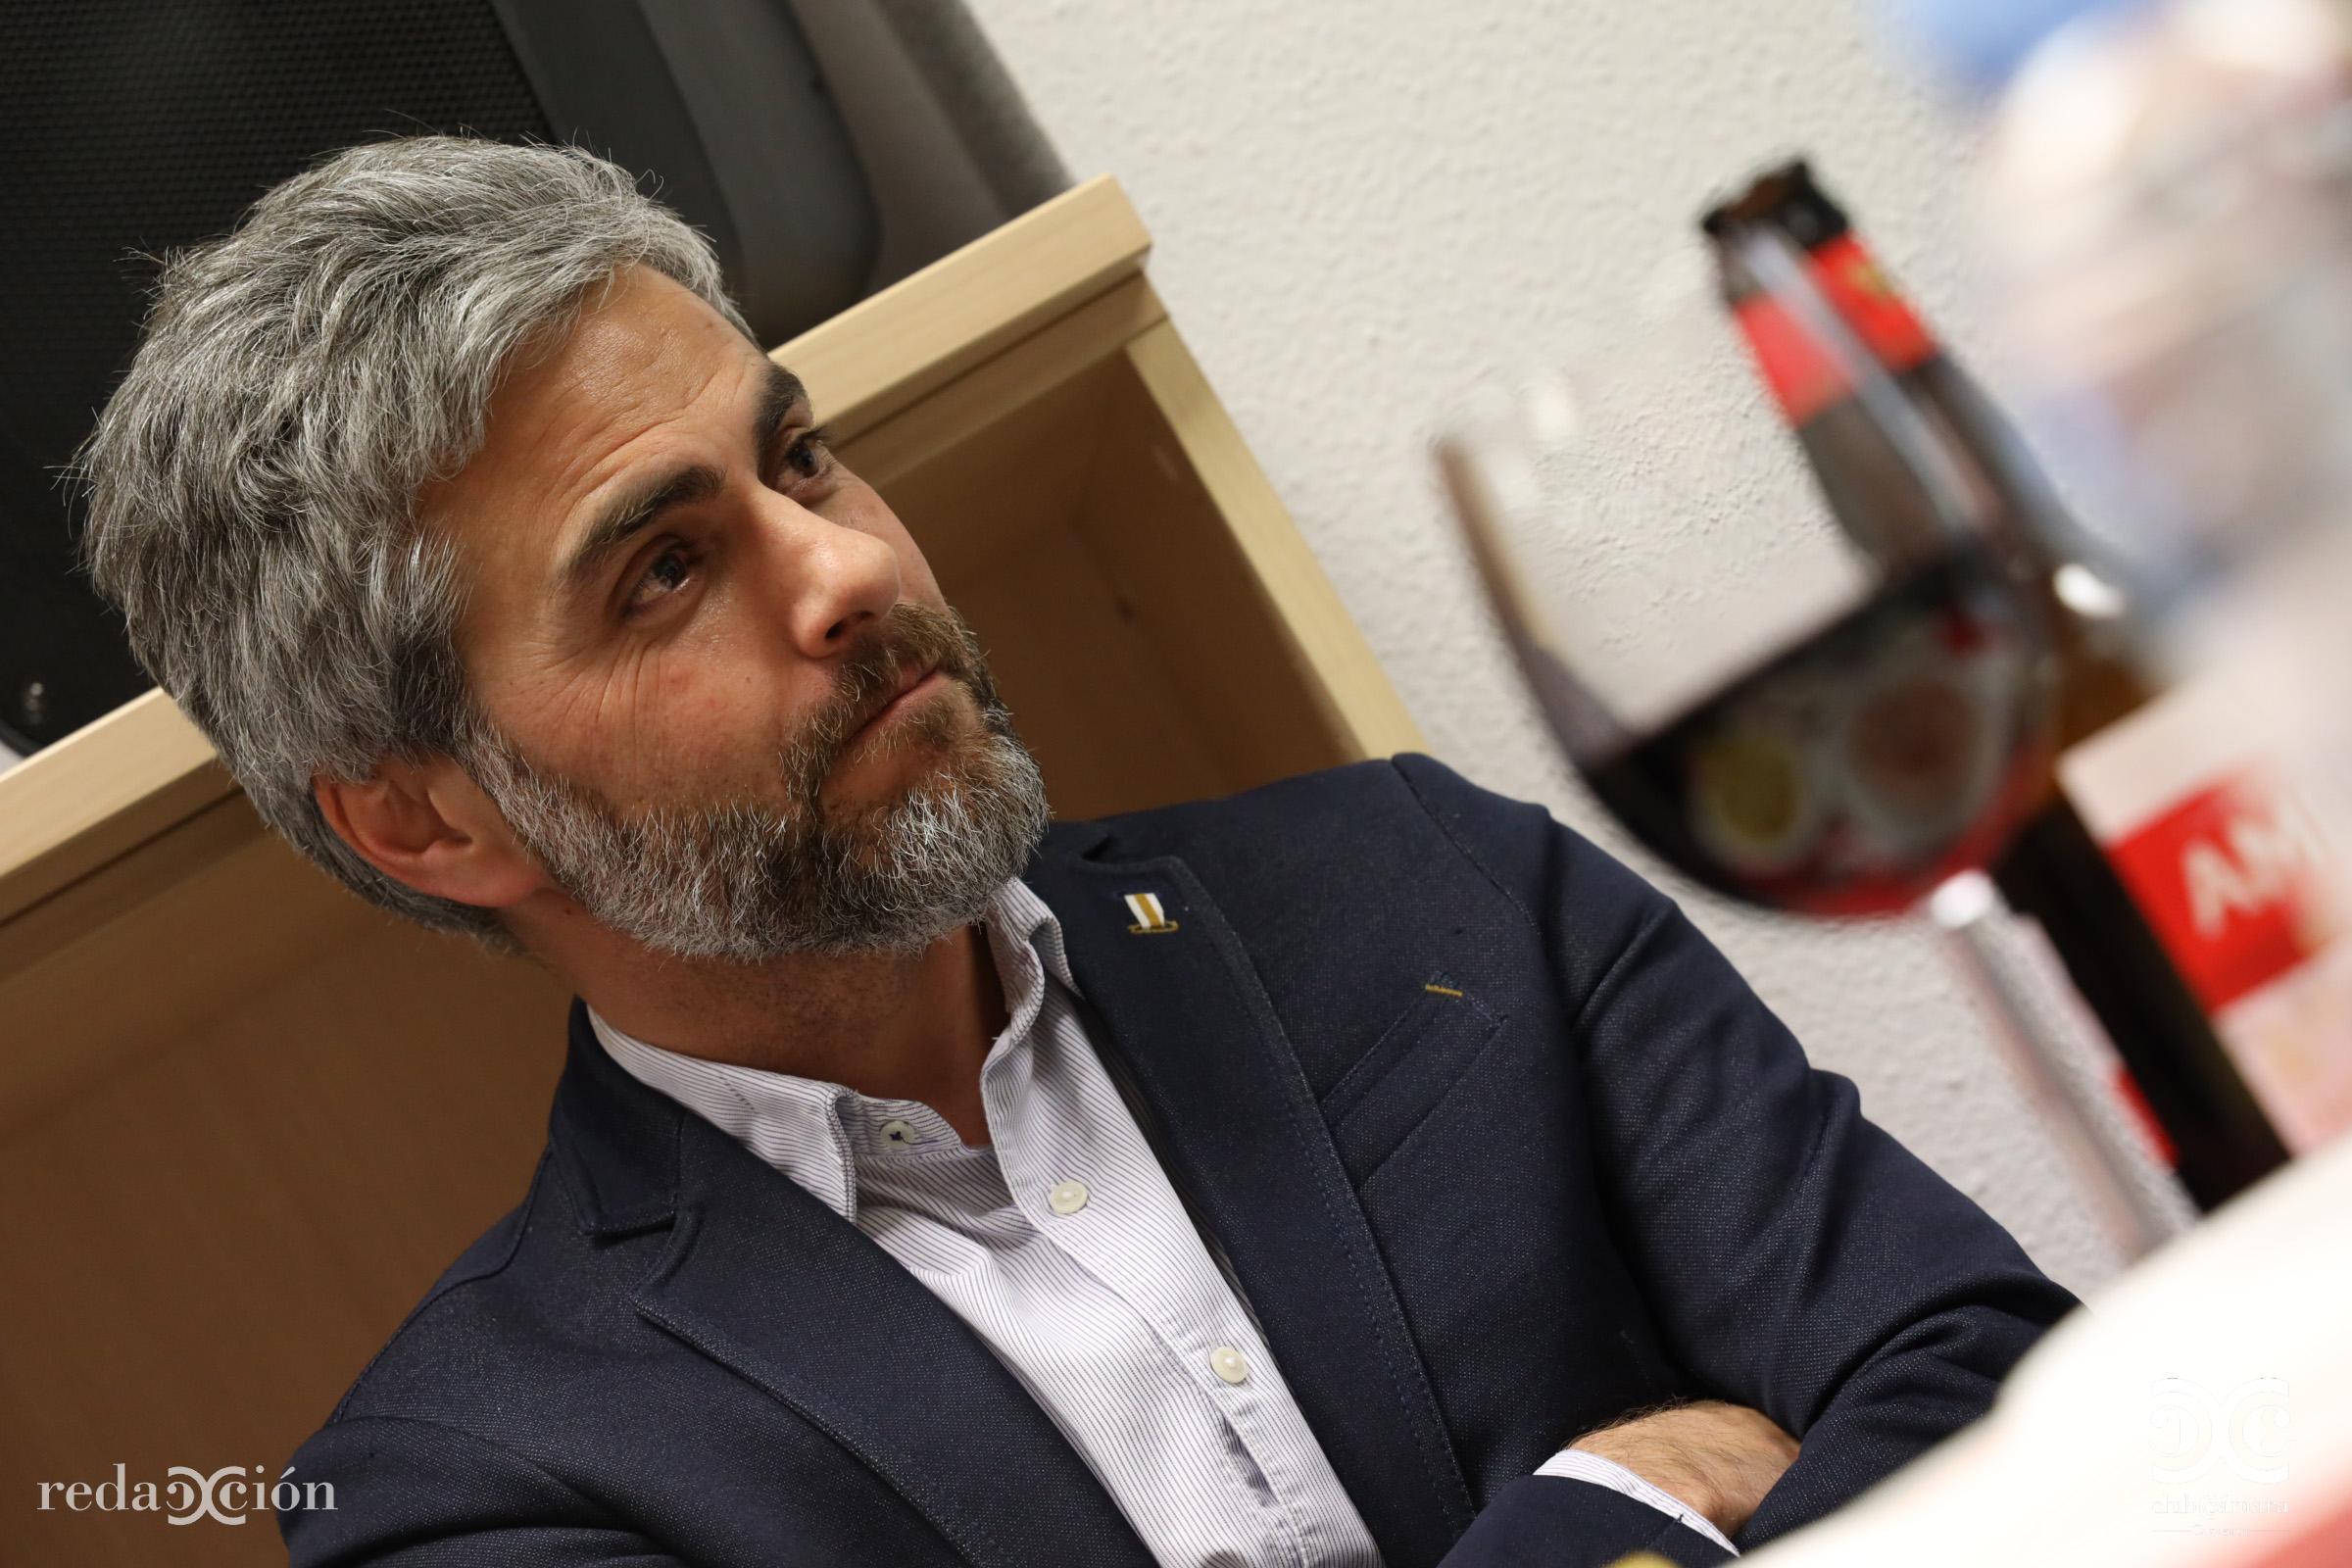 Alberto Fantova